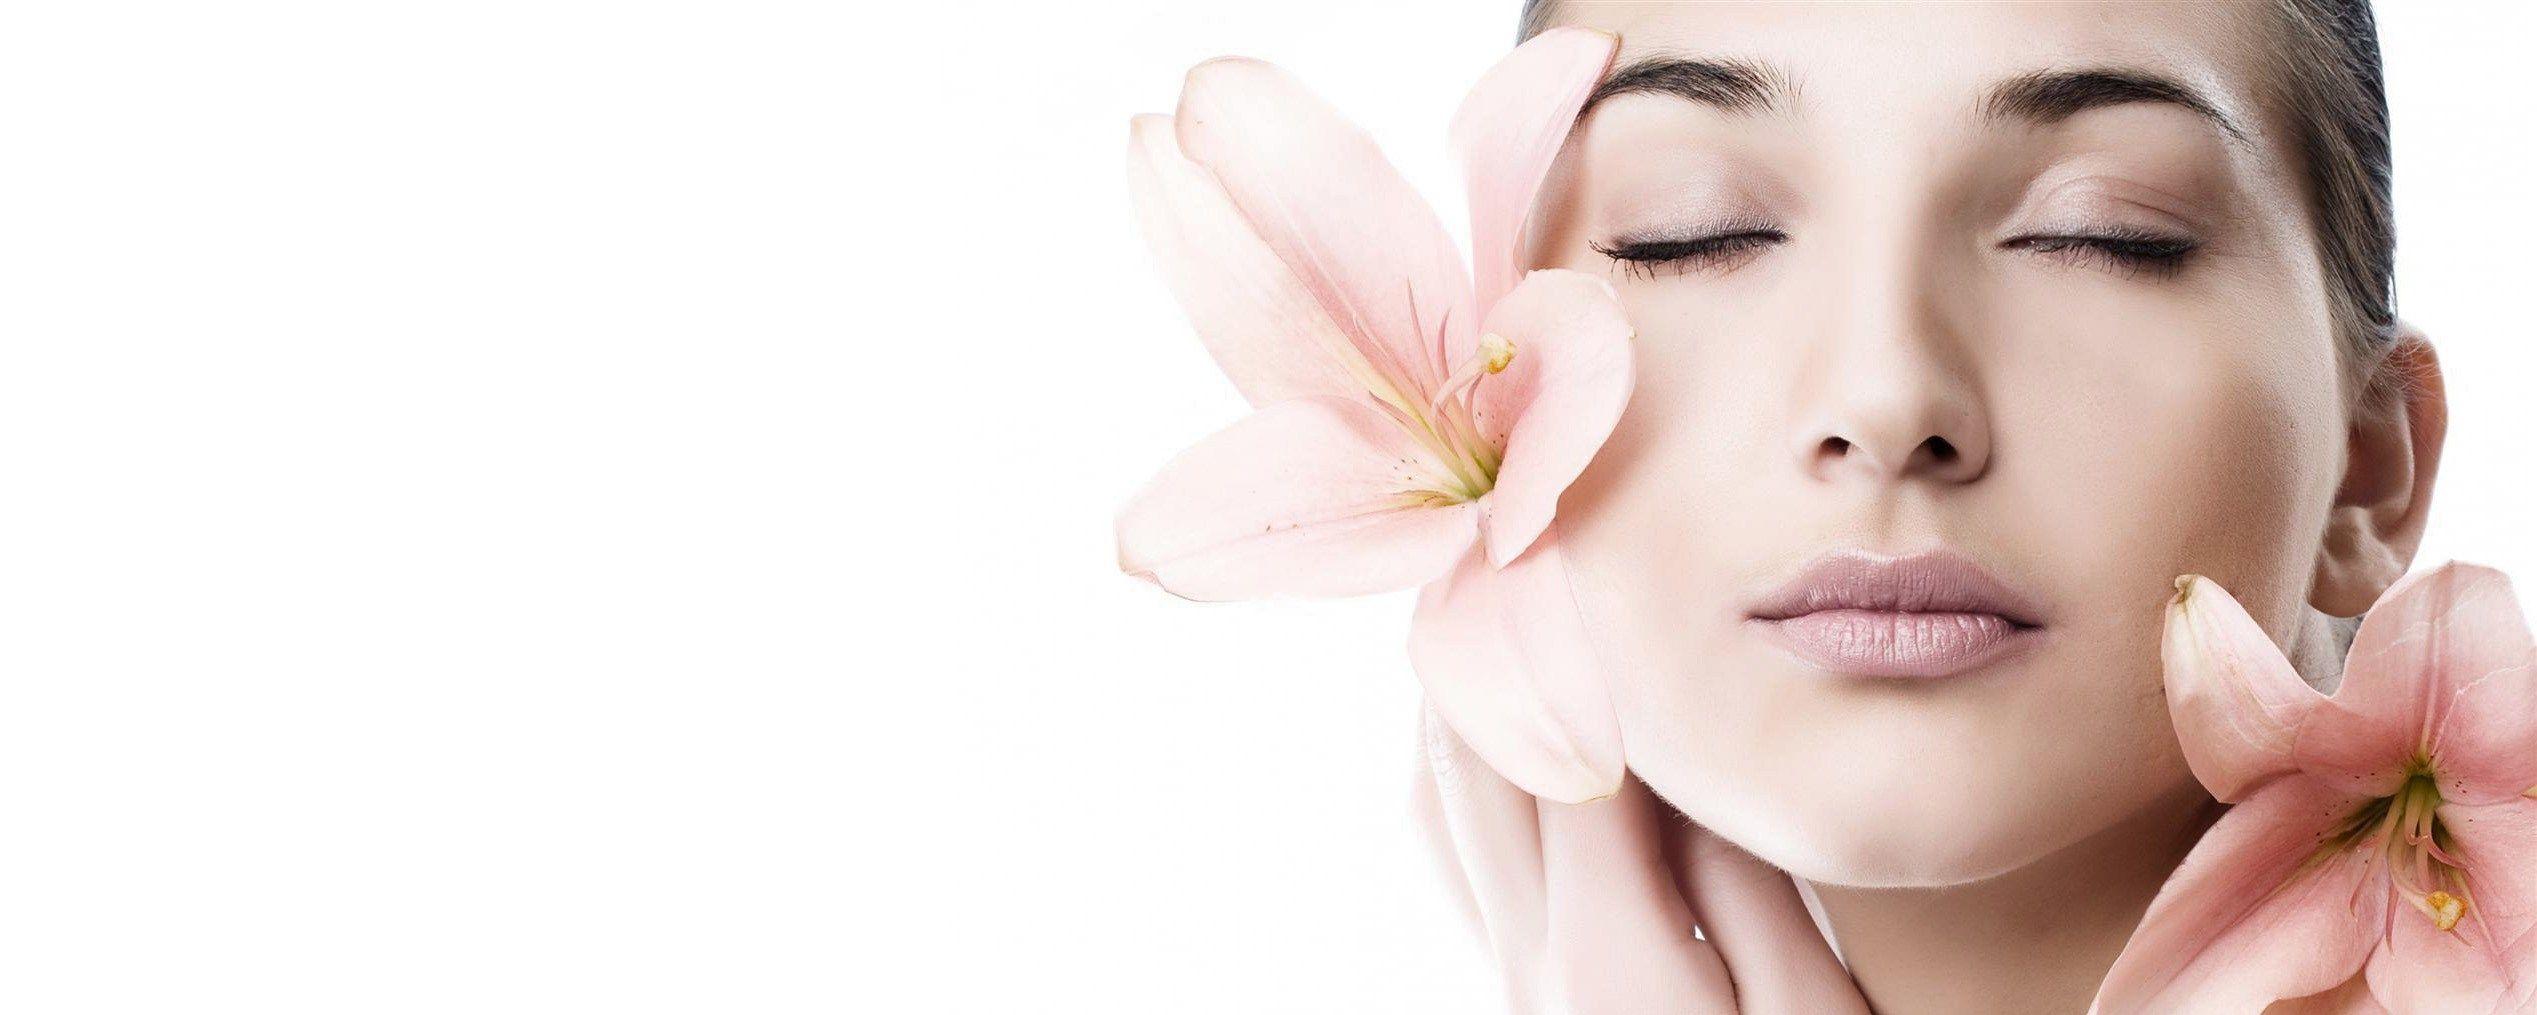 Herbal facial at home can speak